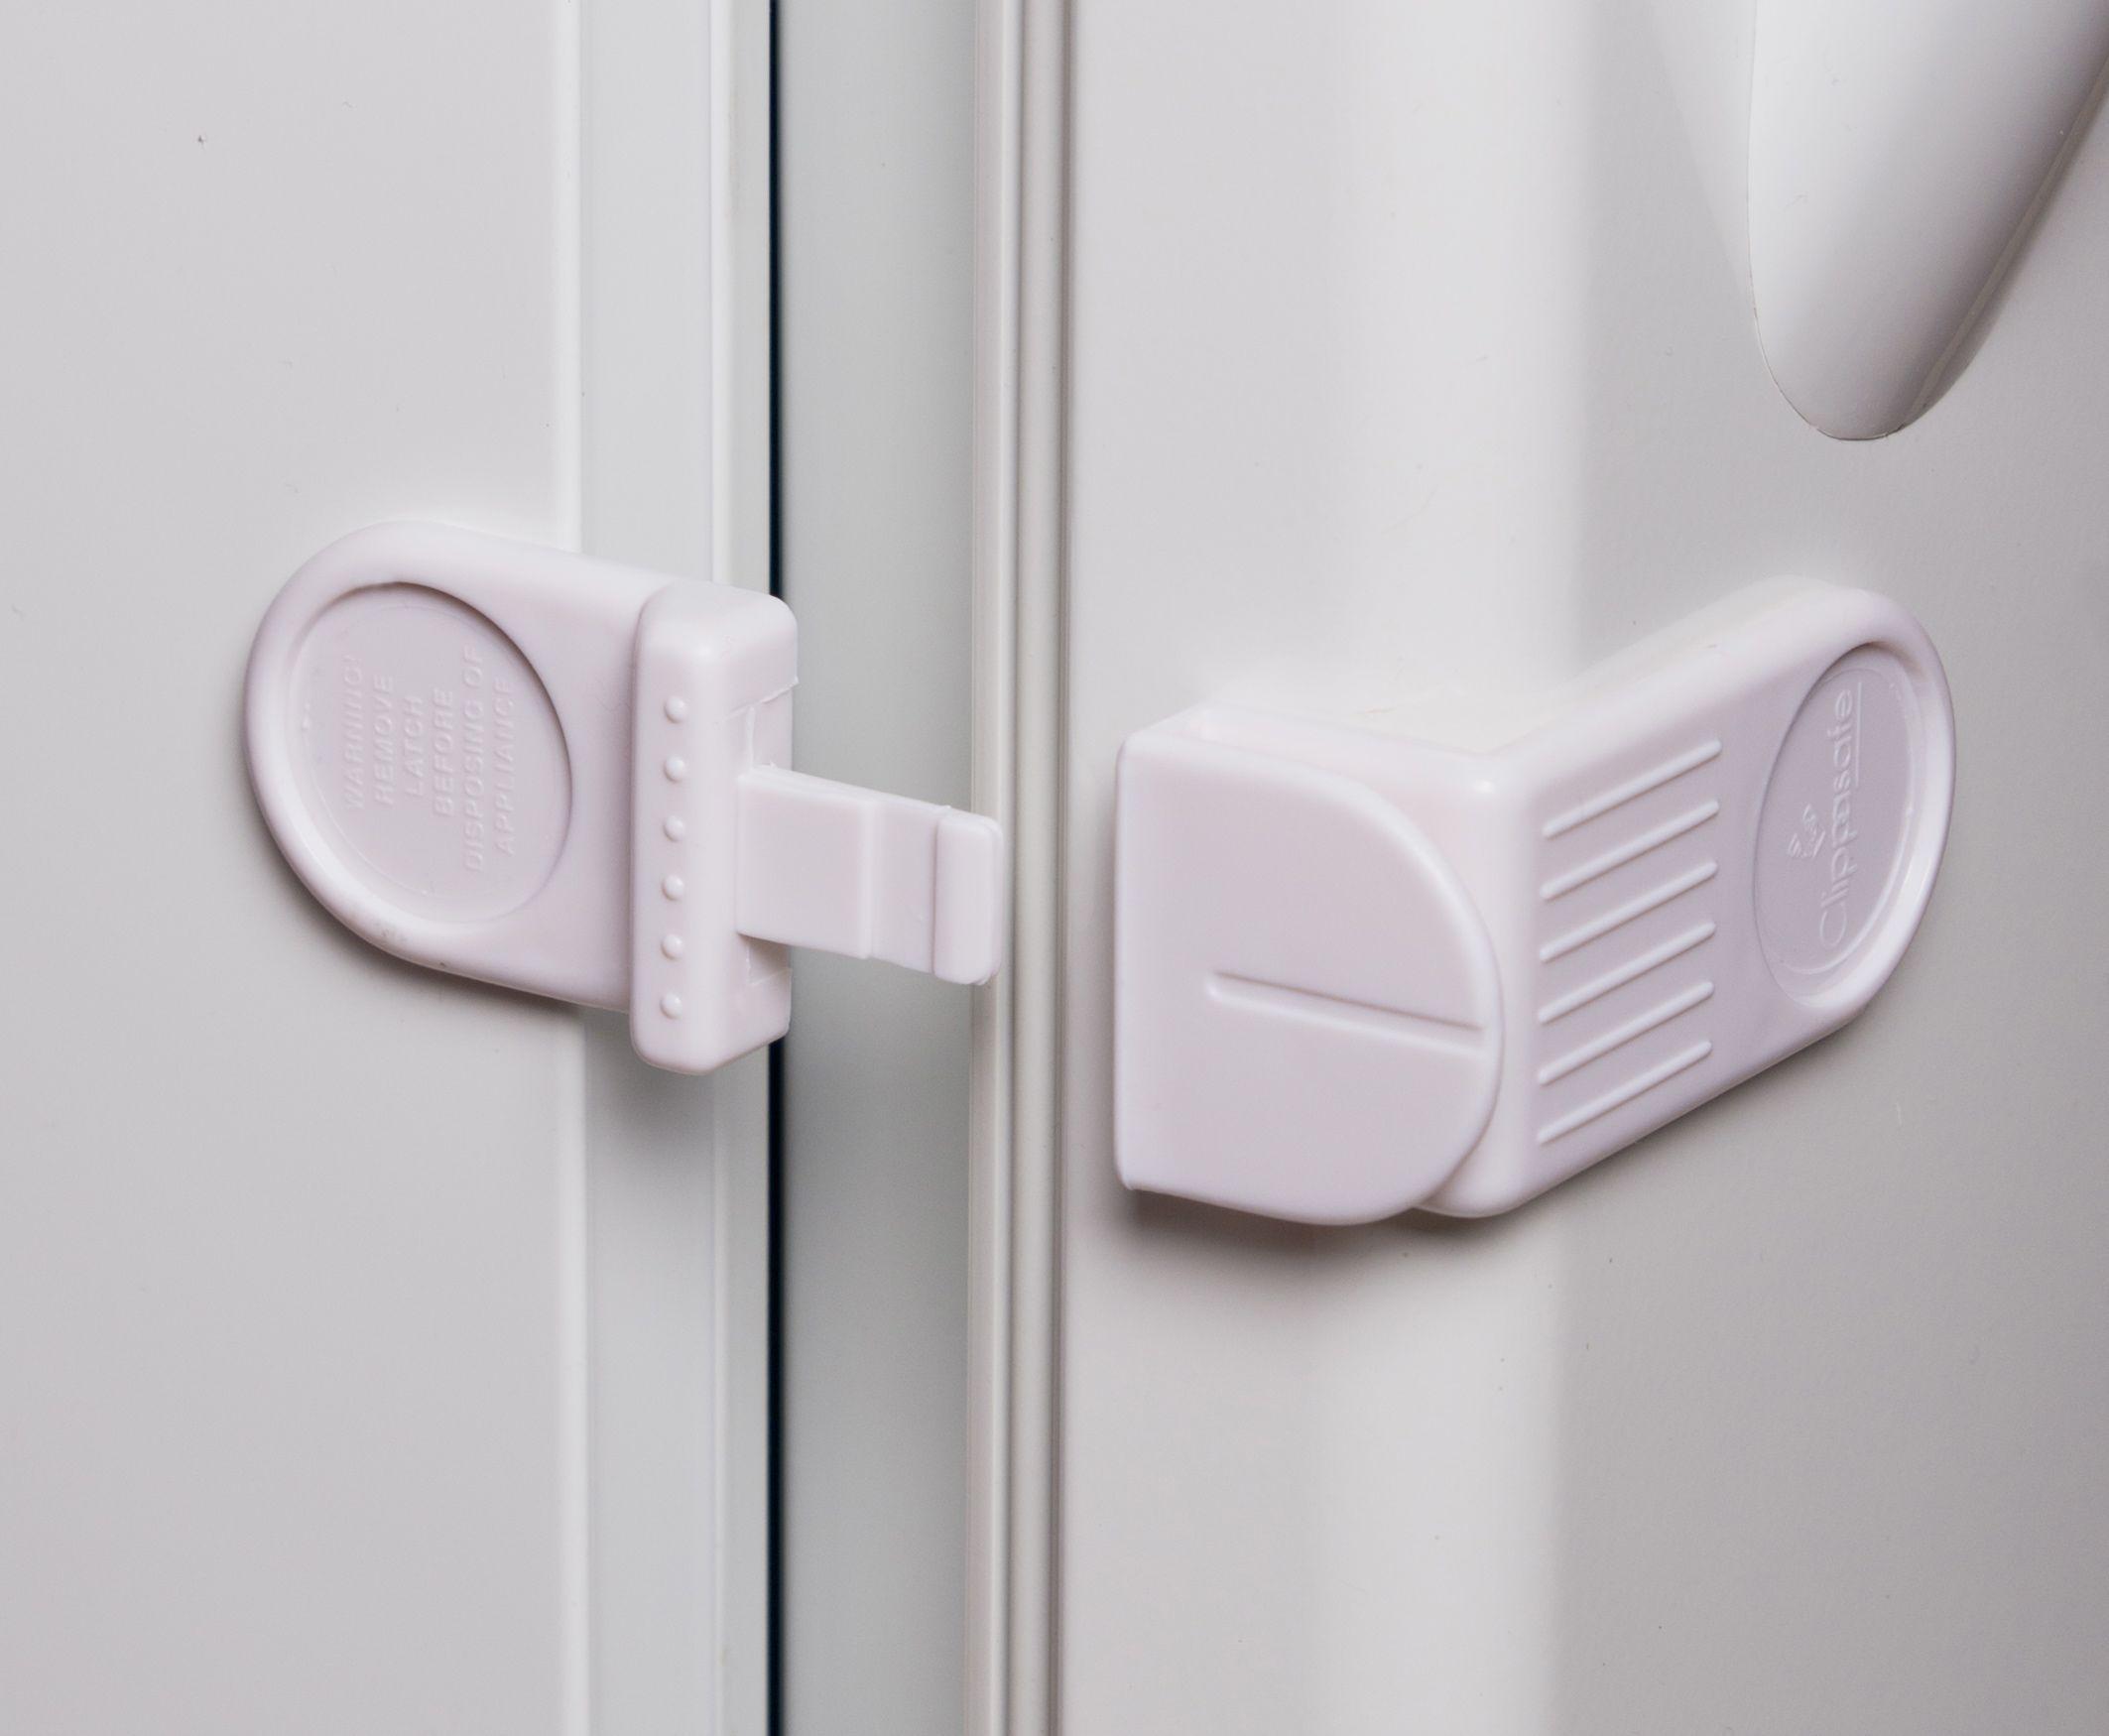 fridgedoorlock2